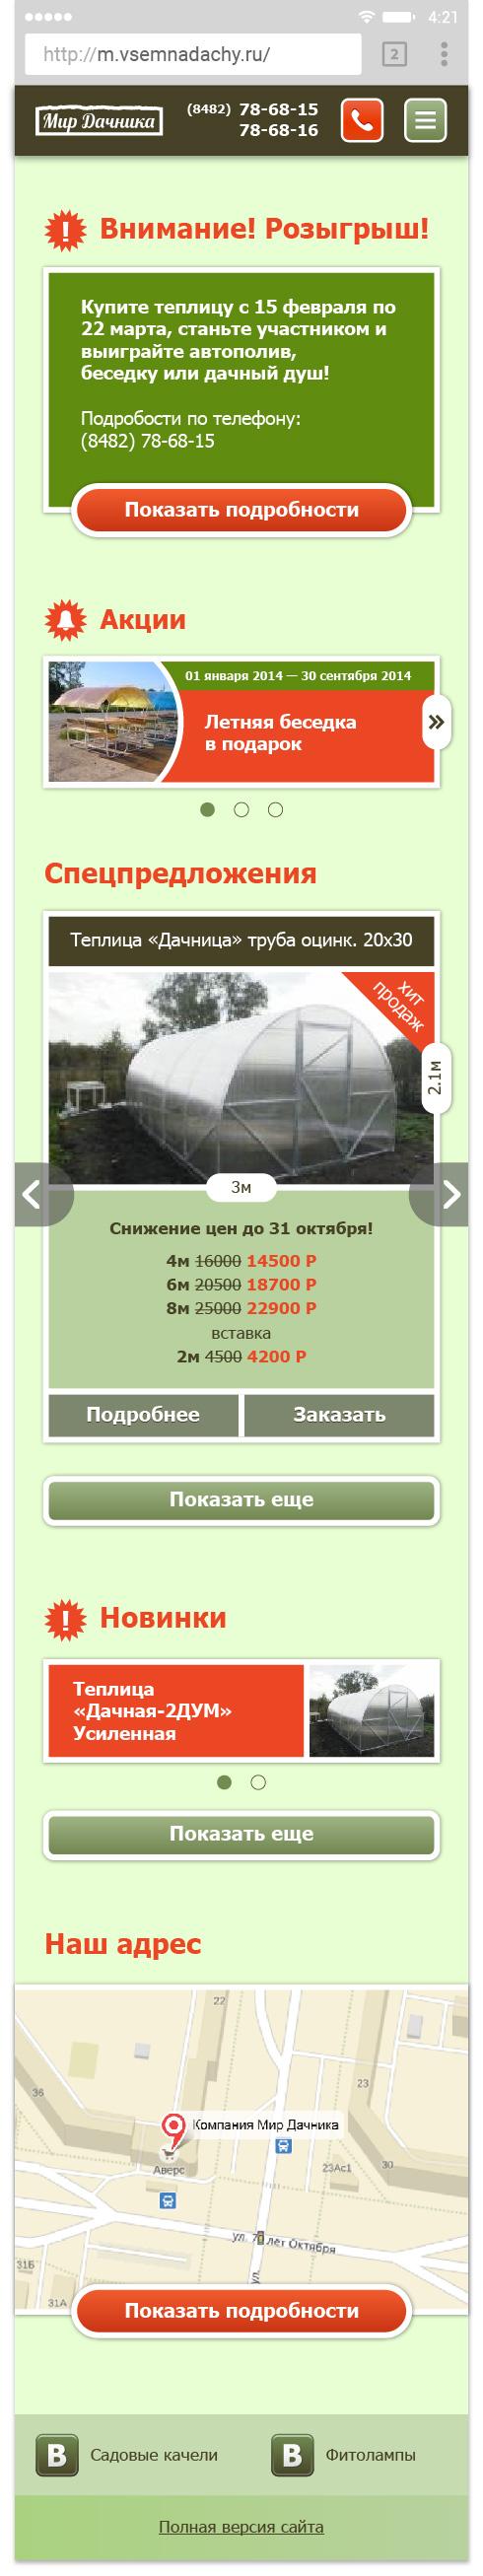 Главная страница мобильной версии сайта.